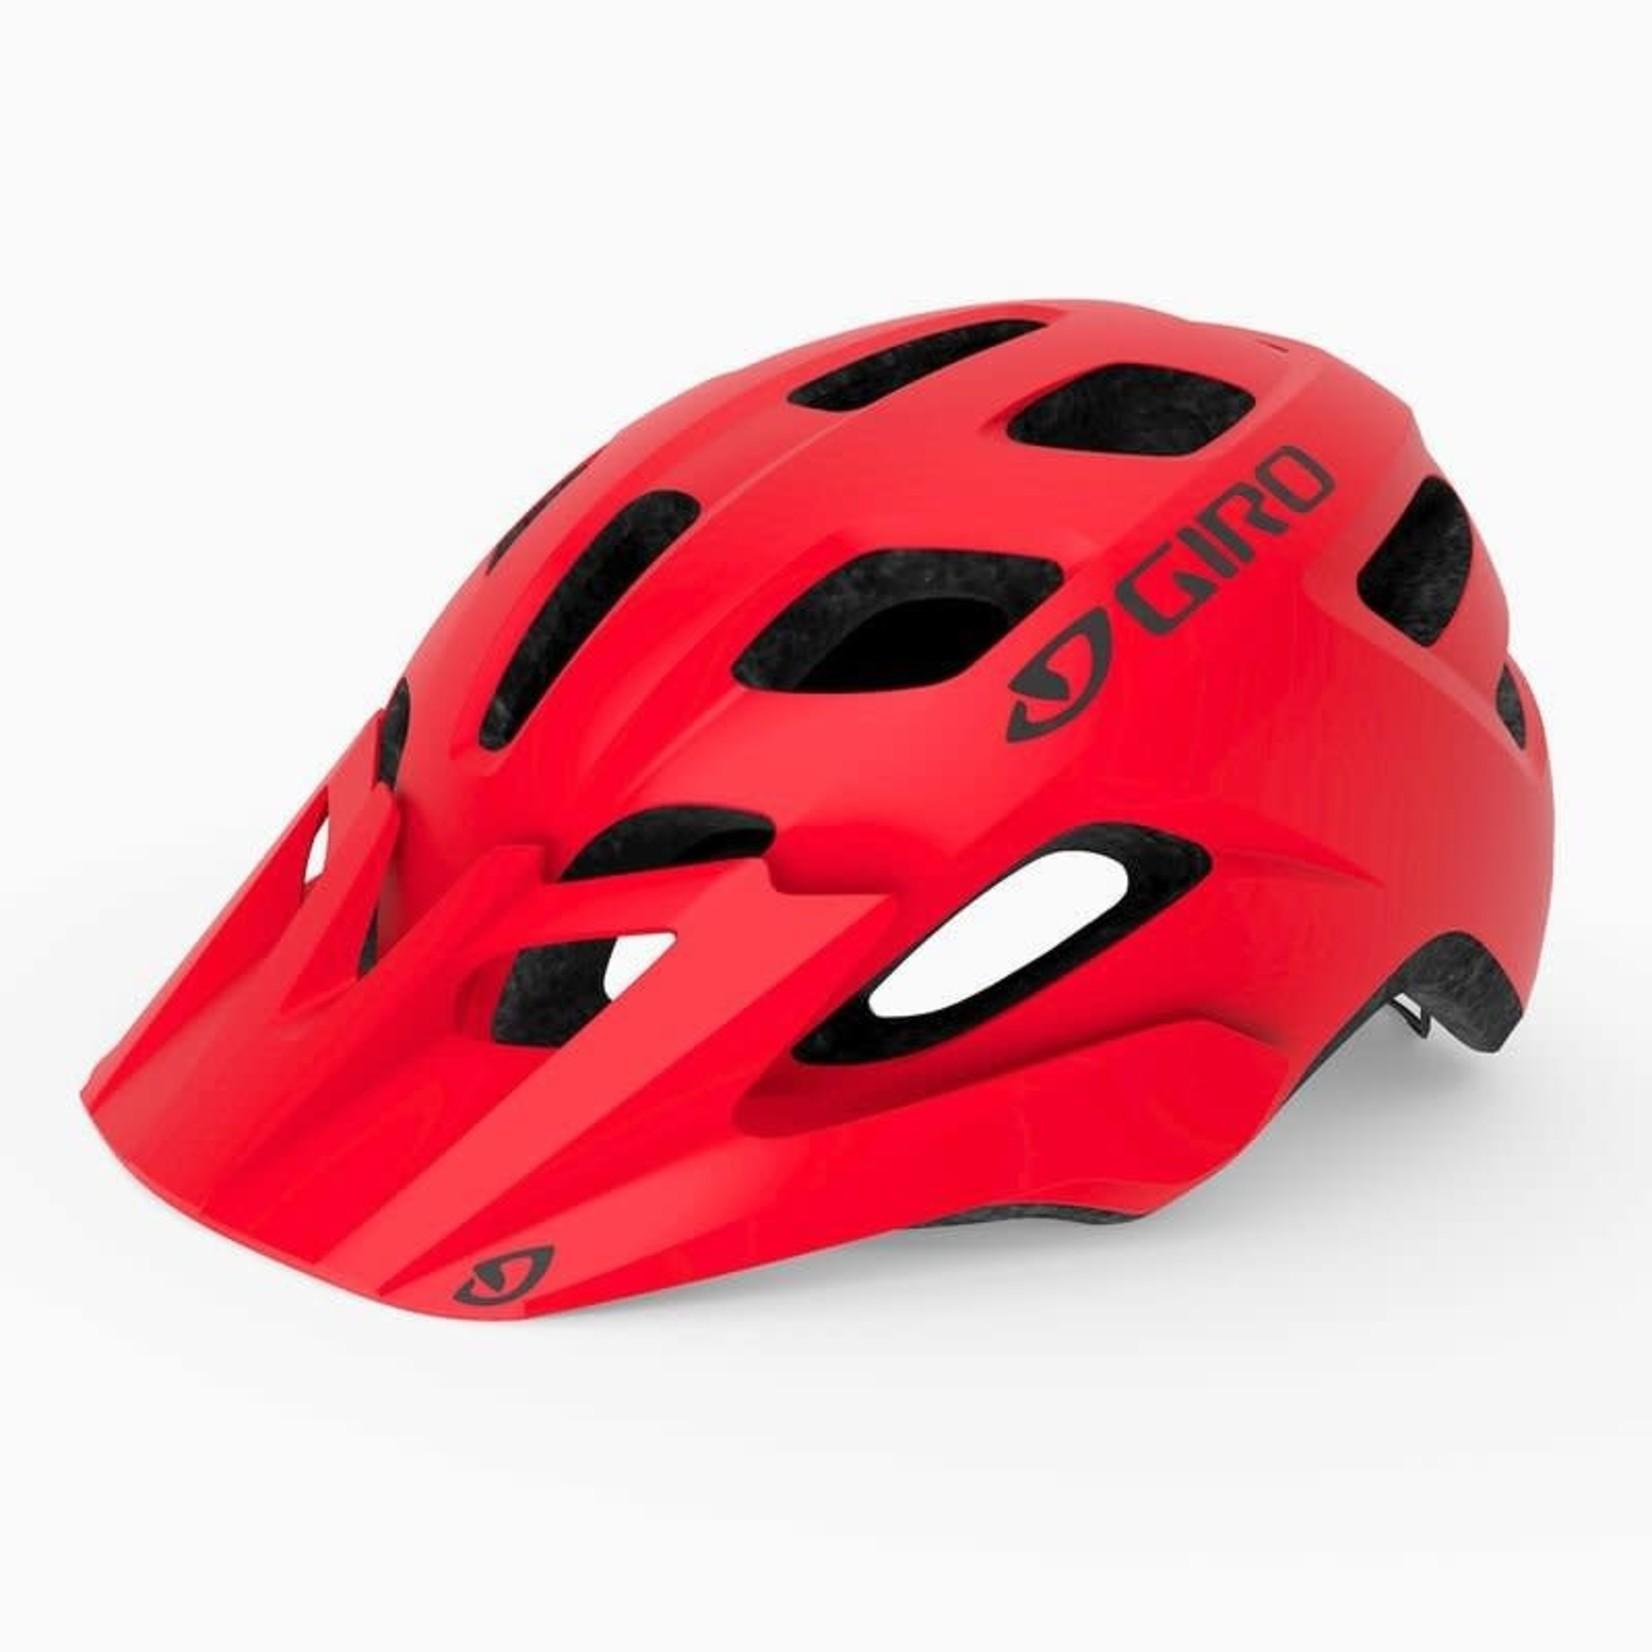 Giro Bike Giro Tremor MIPS Matte Bright Red Youth